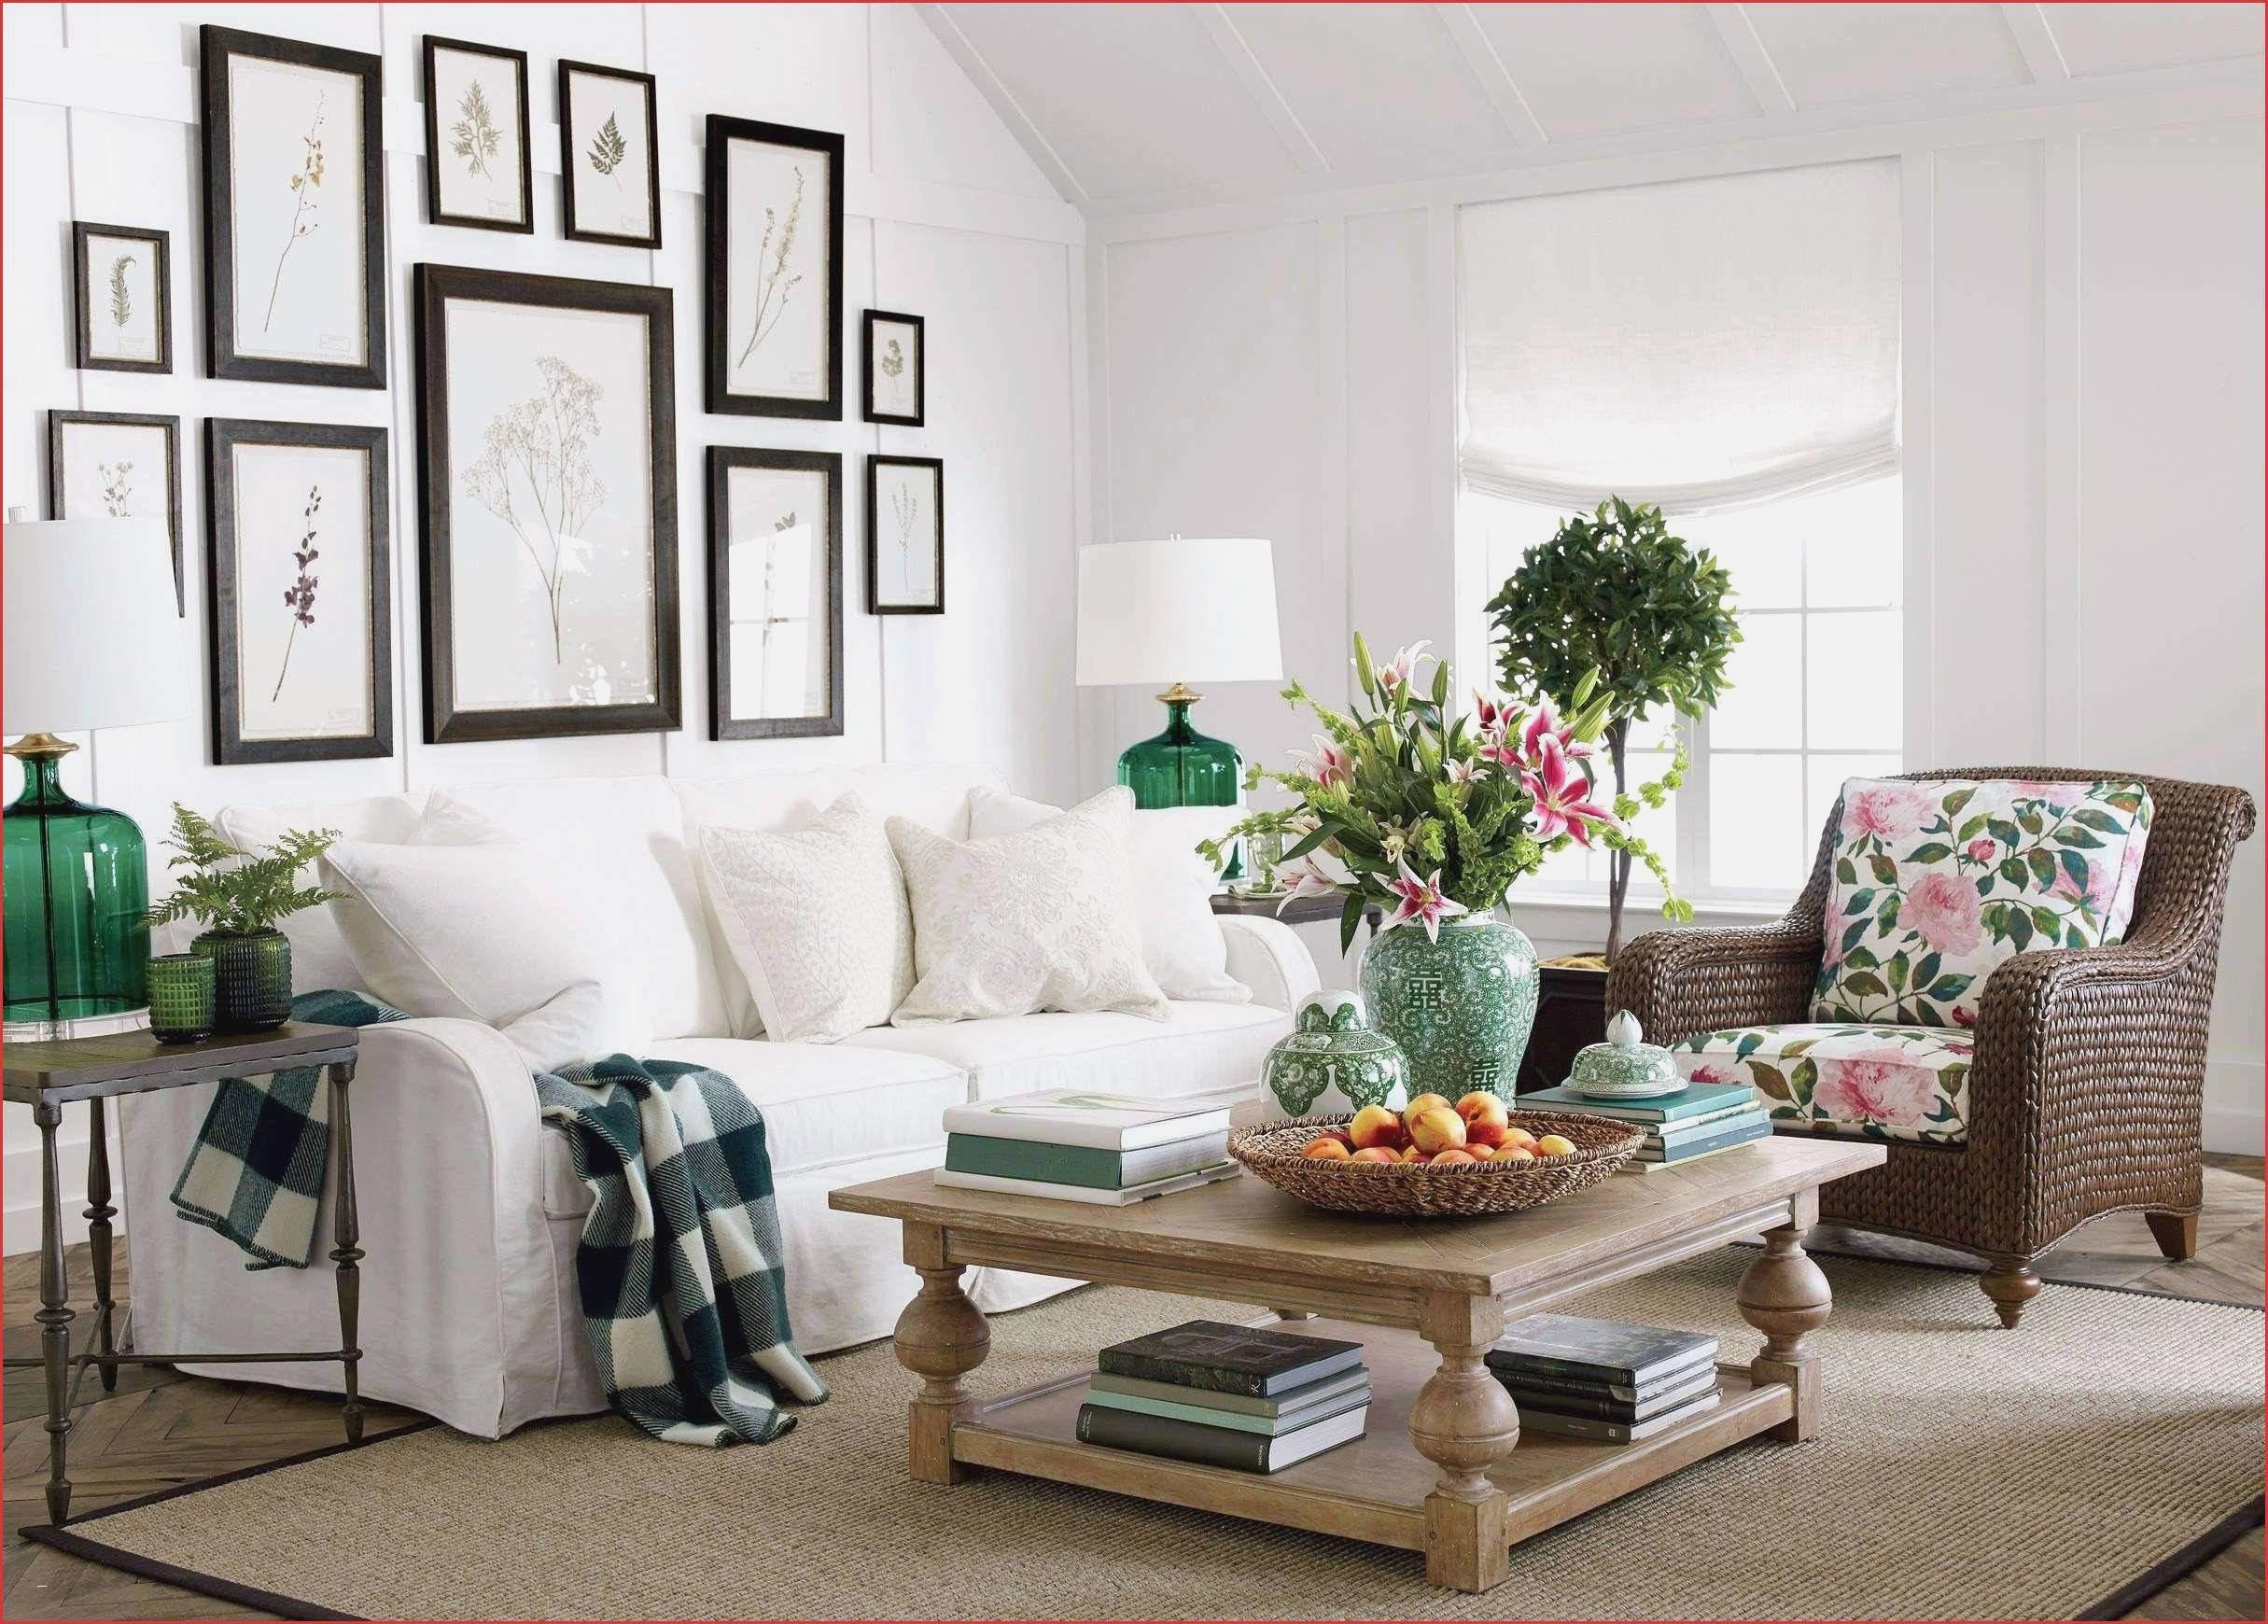 Full Size of Wohnzimmer Decke Beleuchtung Badezimmer Schn Licht Genial Teppich Landhausstil Tagesdecke Bett Deckenleuchten Hängeschrank Led Deckenleuchte Bad Deckenlampen Wohnzimmer Wohnzimmer Decke